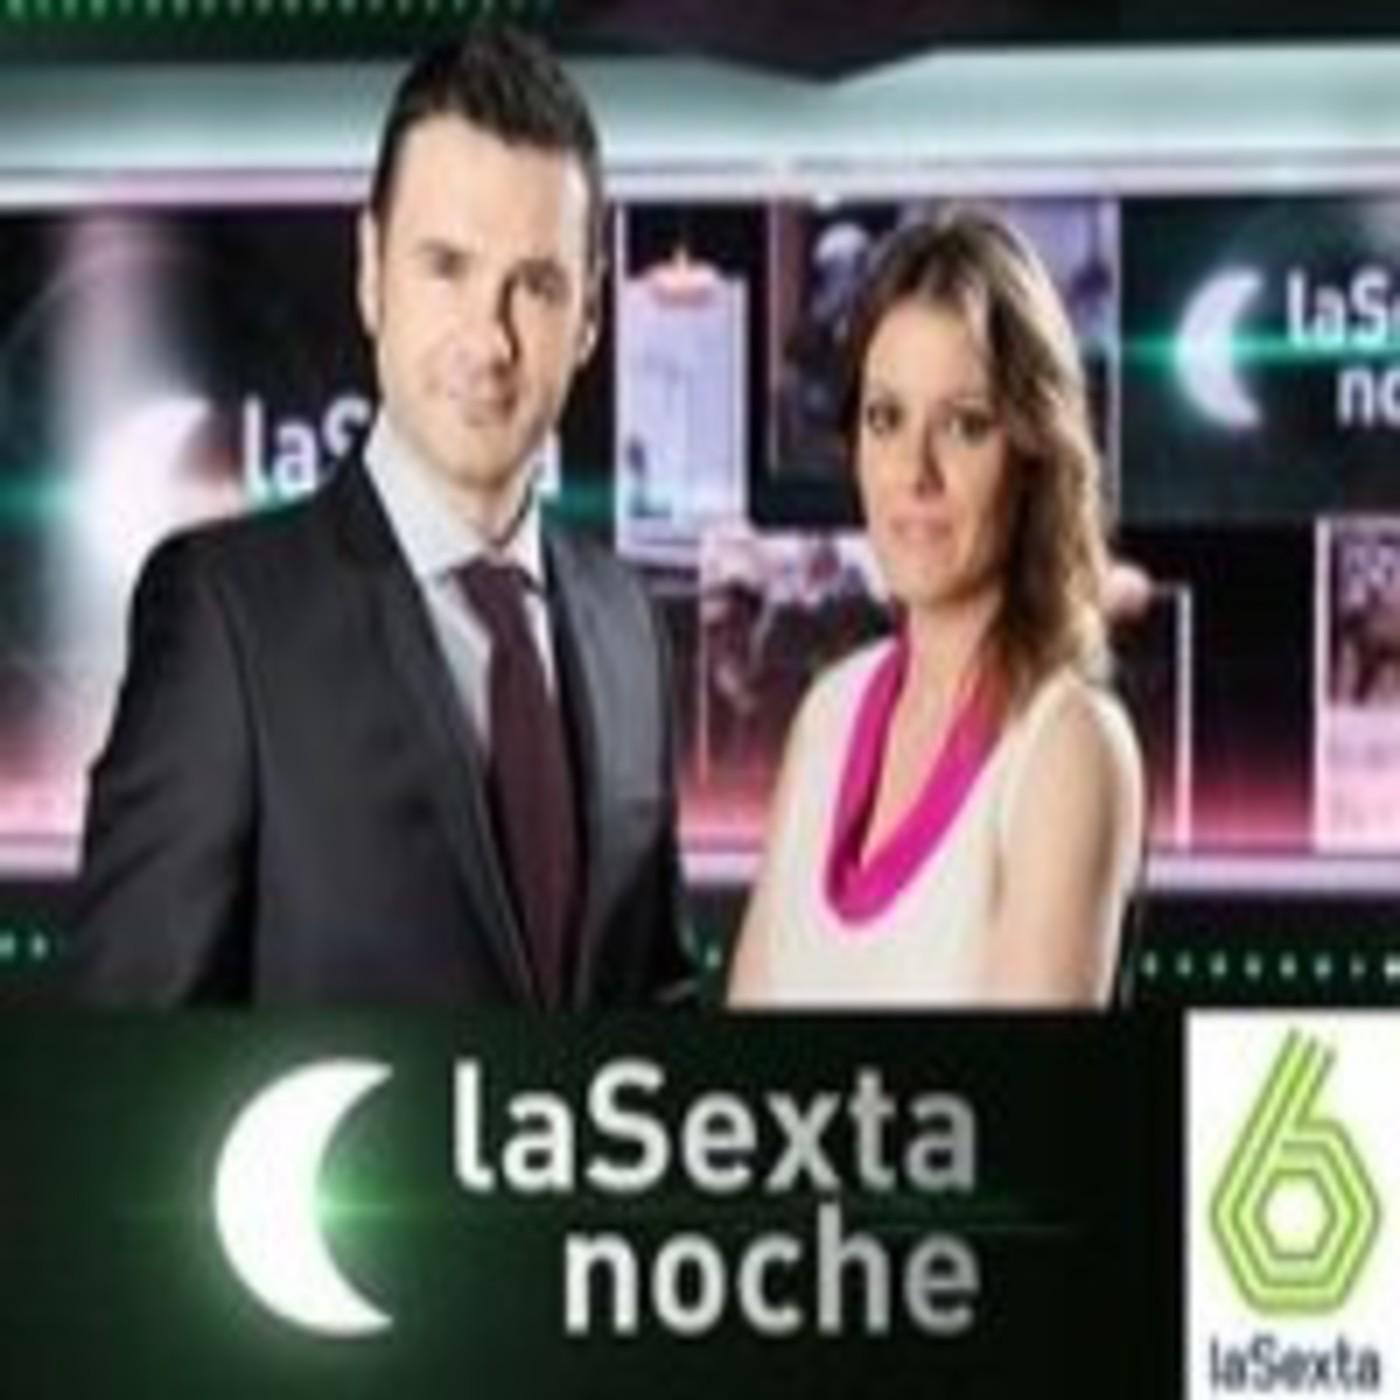 LA SEXTA NOCHE (24 Enero 2015)